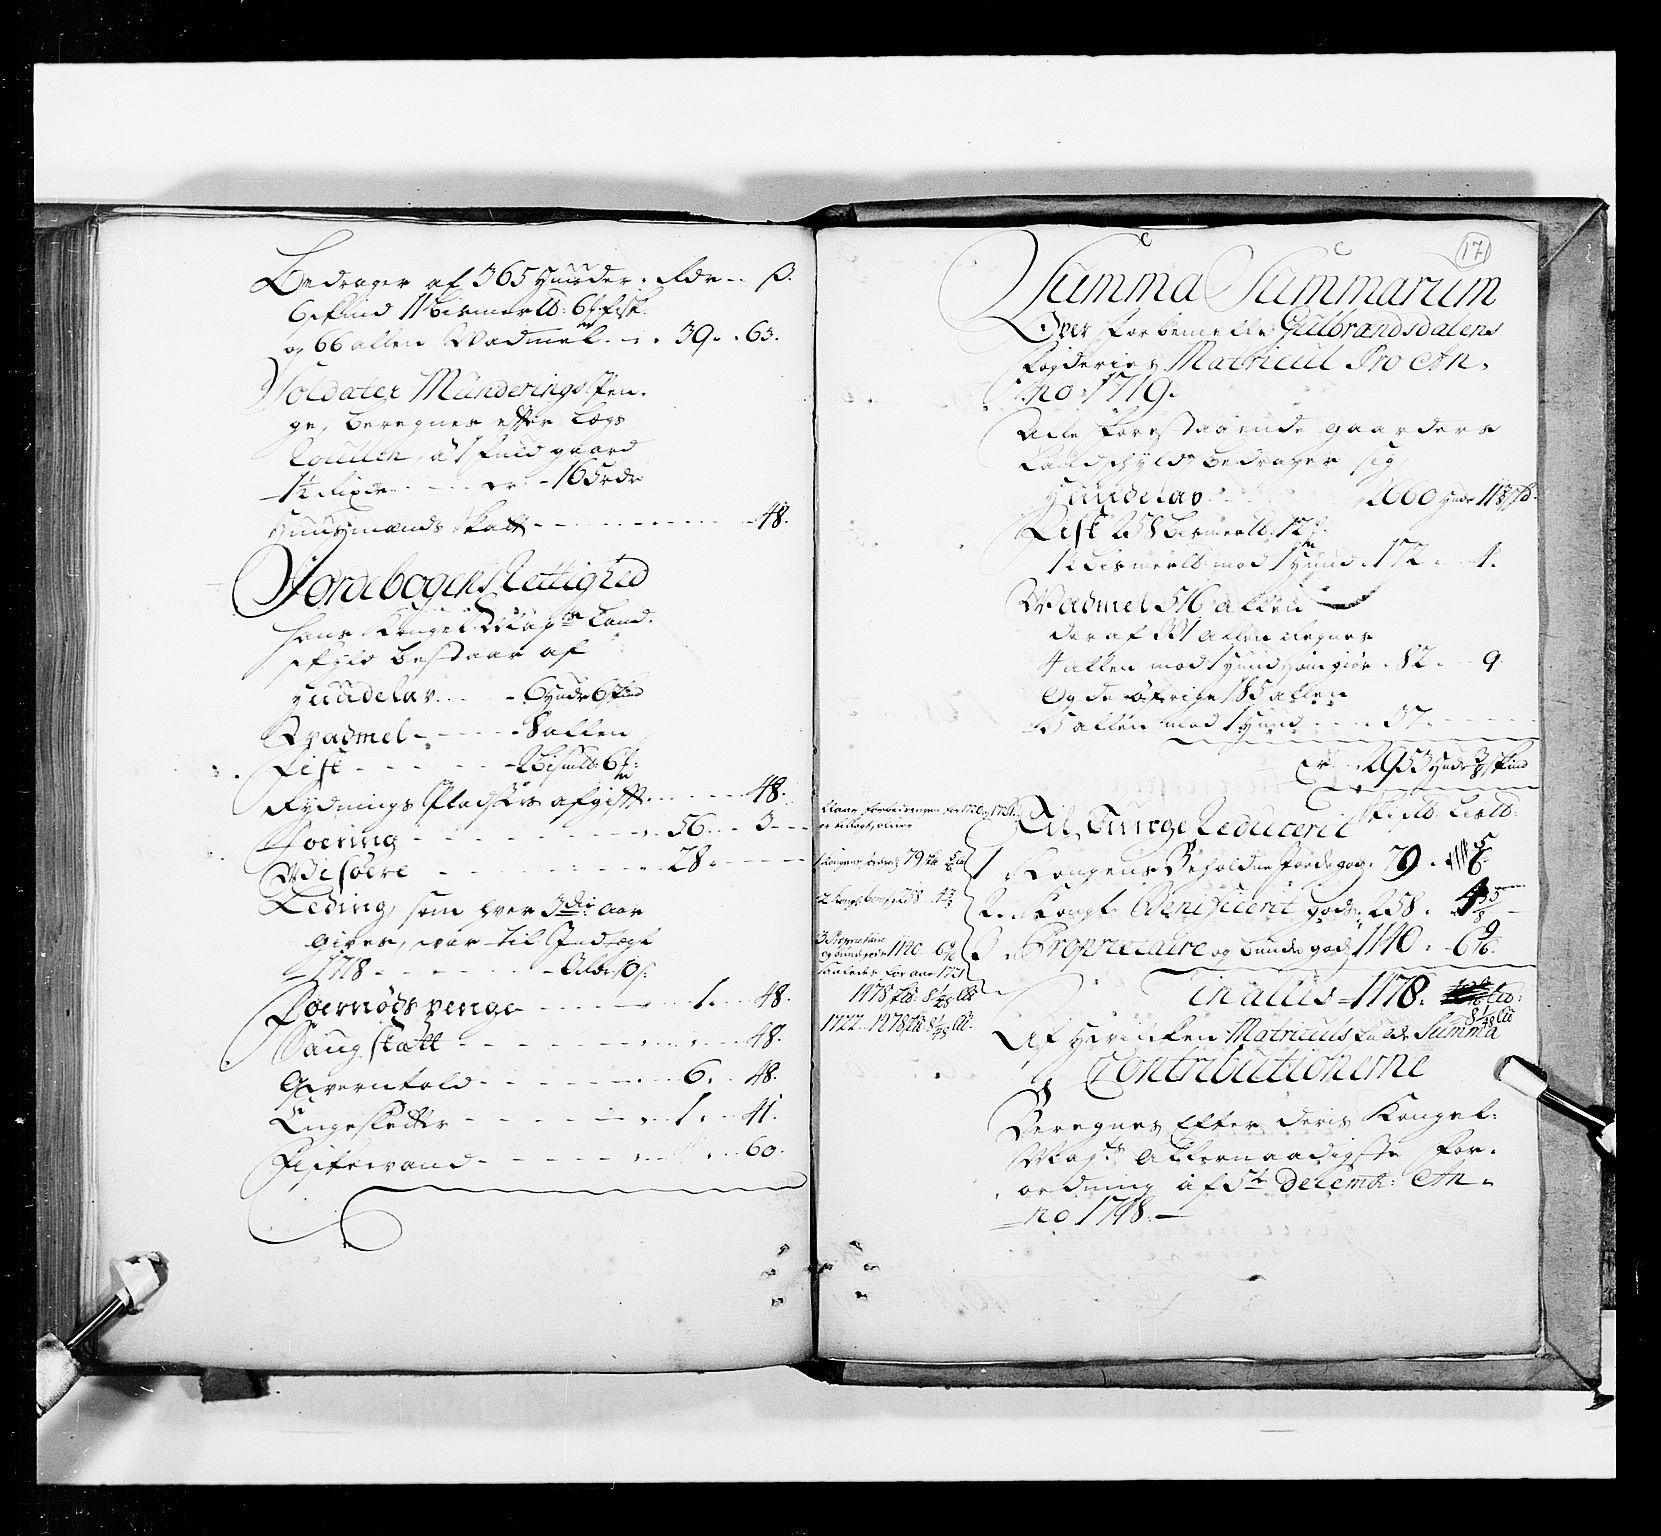 RA, Stattholderembetet 1572-1771, Ek/L0036: Jordebøker 1662-1720:, 1719, s. 170b-171a